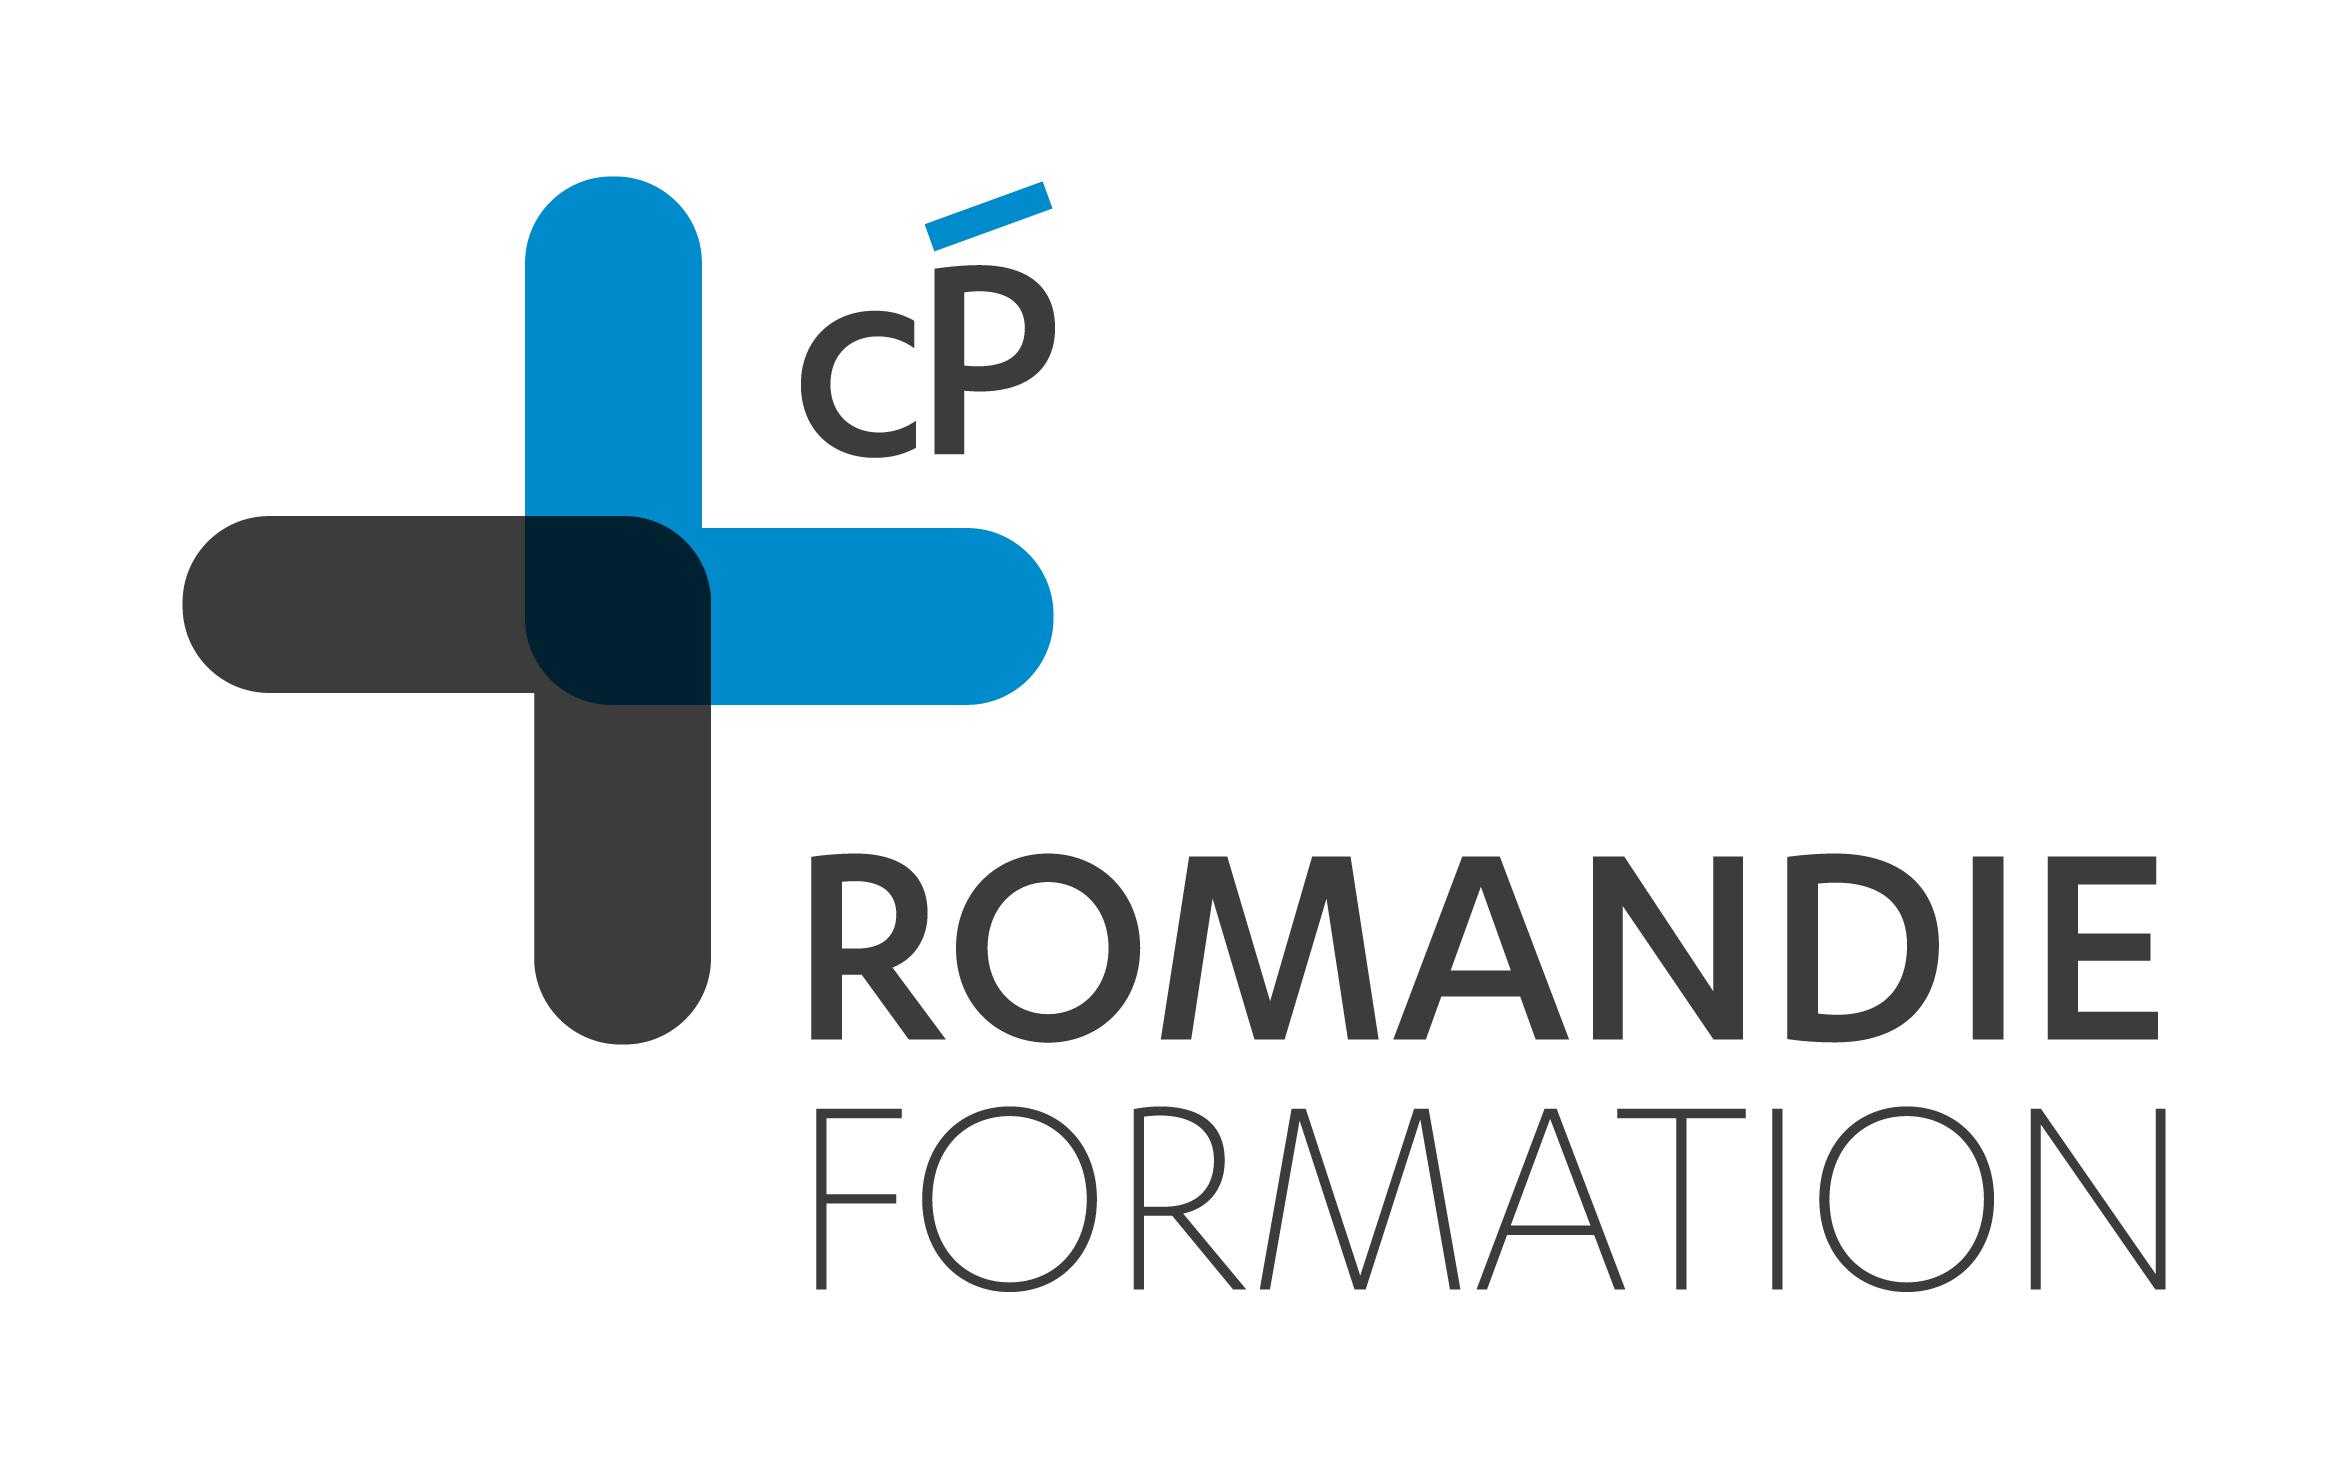 Centre Patronale - Romandie Formation